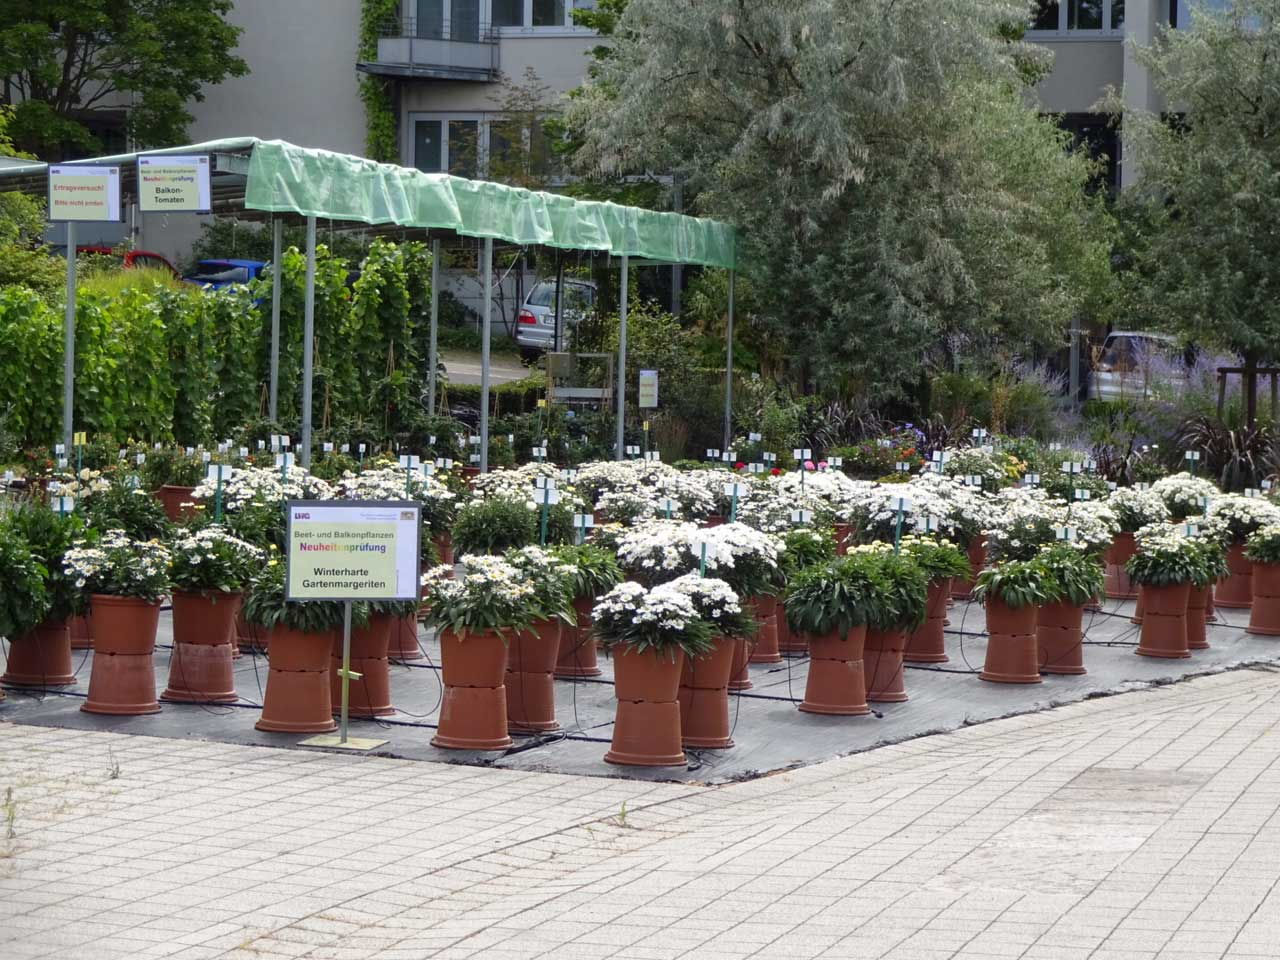 Bilder vom Beet- und Balkonpflanzentag